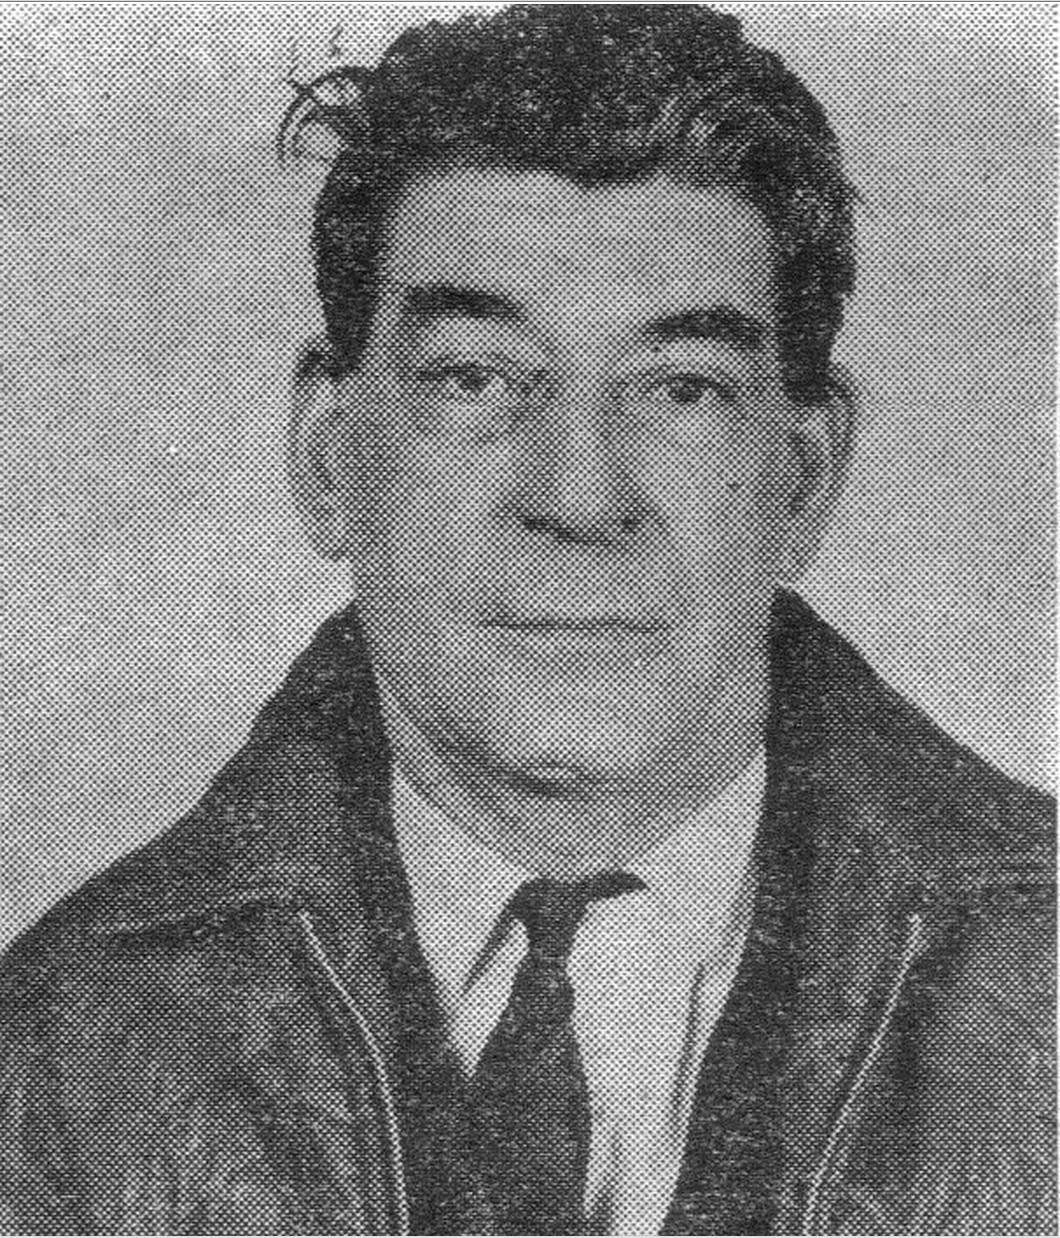 James Prendergast 2